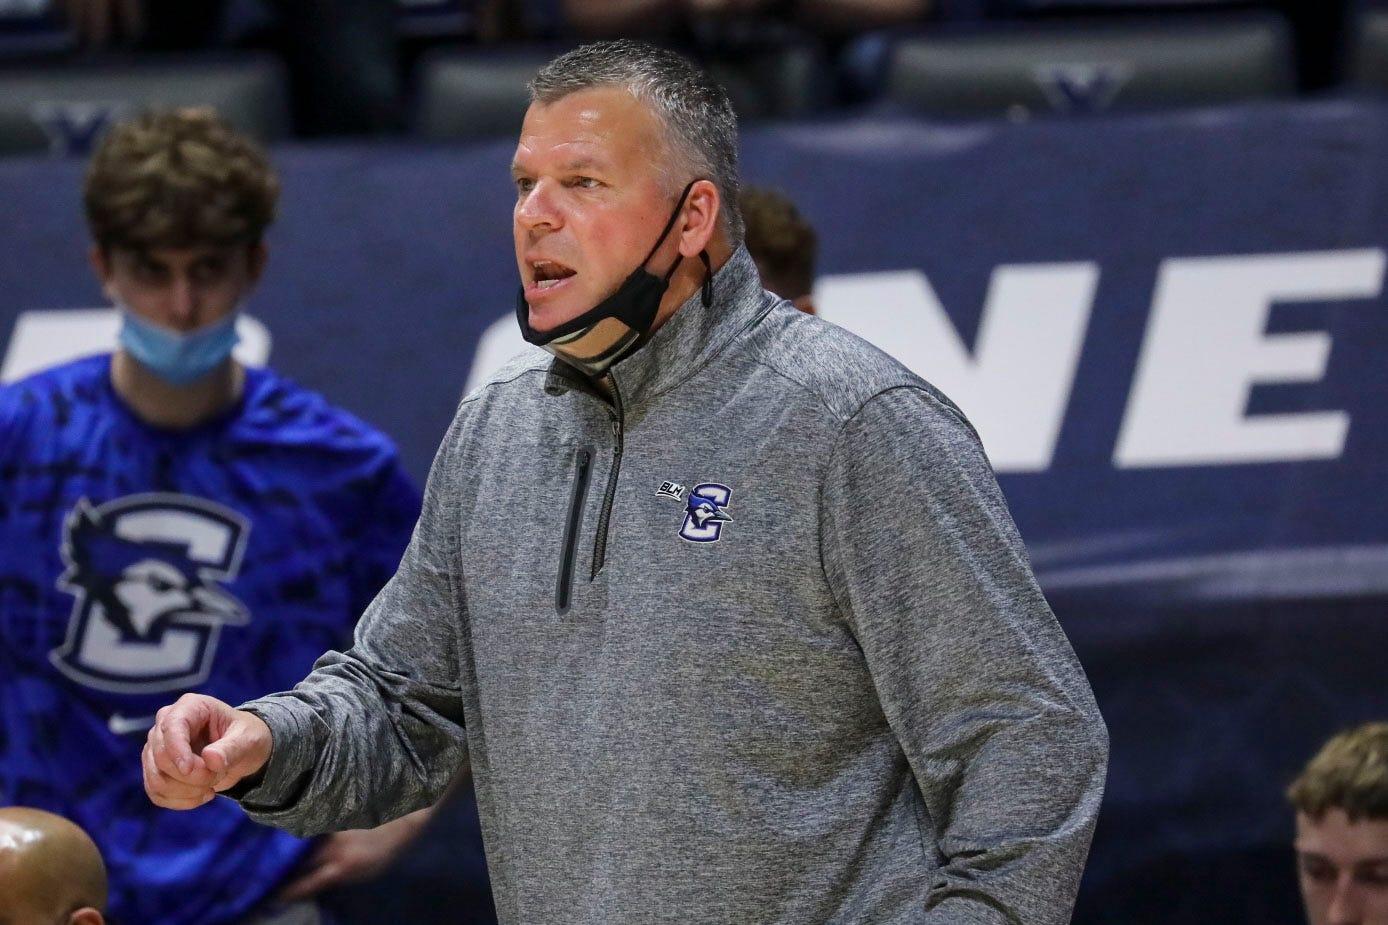 Creighton suspends men s basketball coach Greg McDermott over racially insensitive remarks